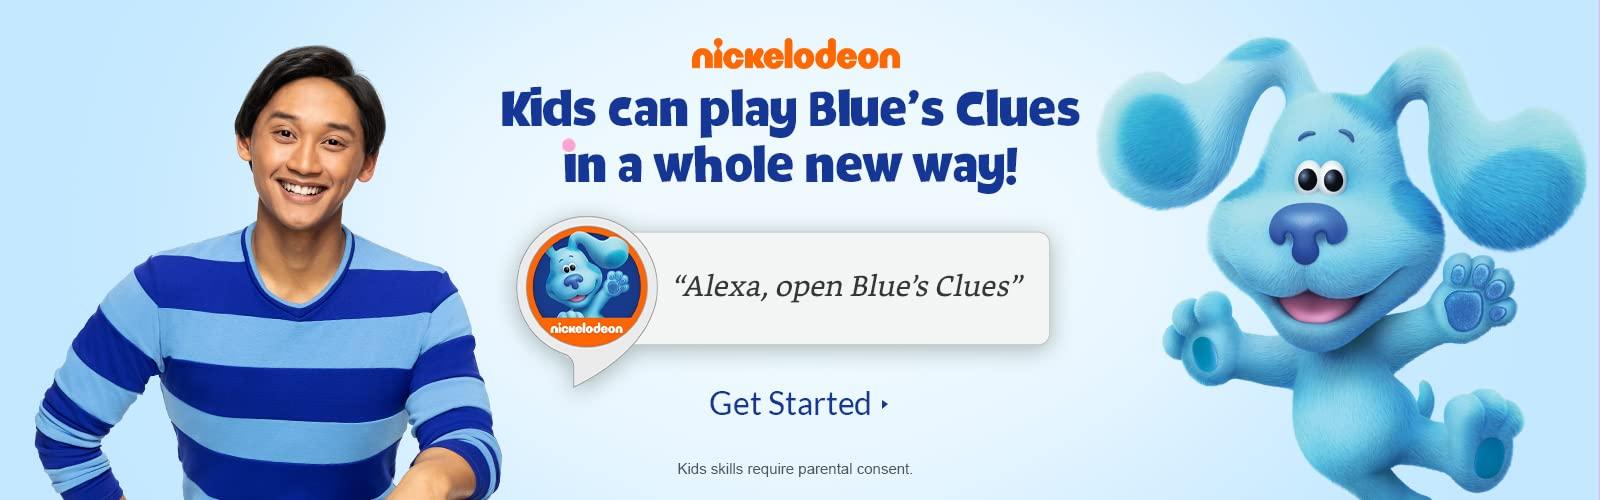 Alexa open Blues Clues